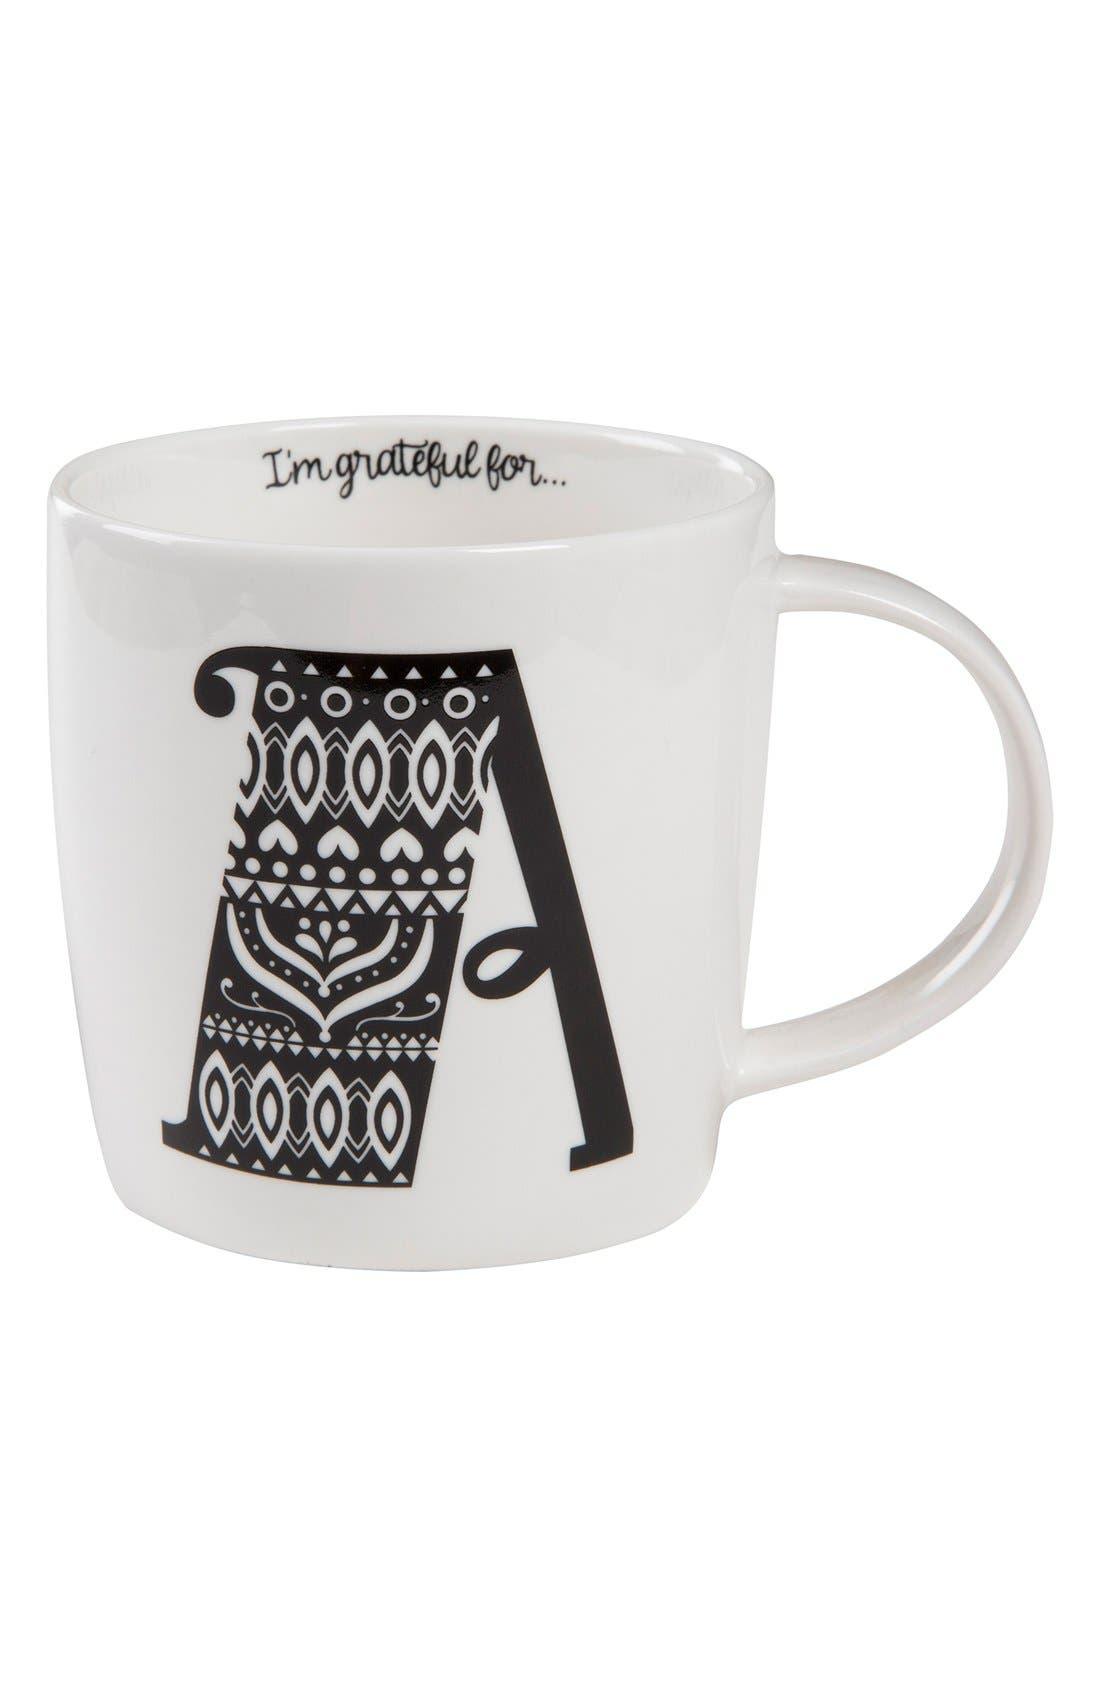 Initial Ceramic Mug,                         Main,                         color, 100